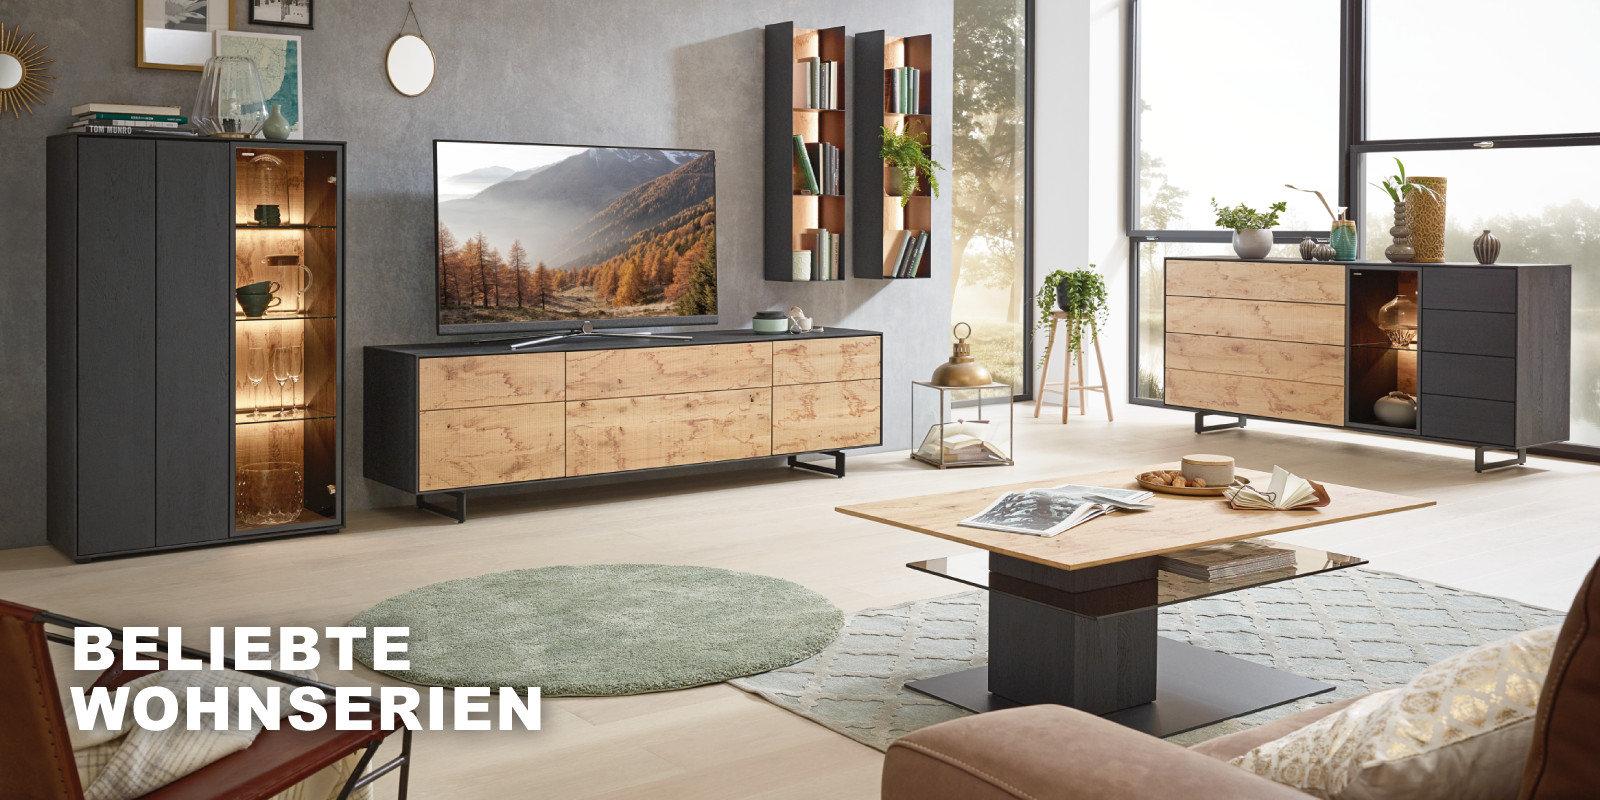 Beliebte Wohnserien